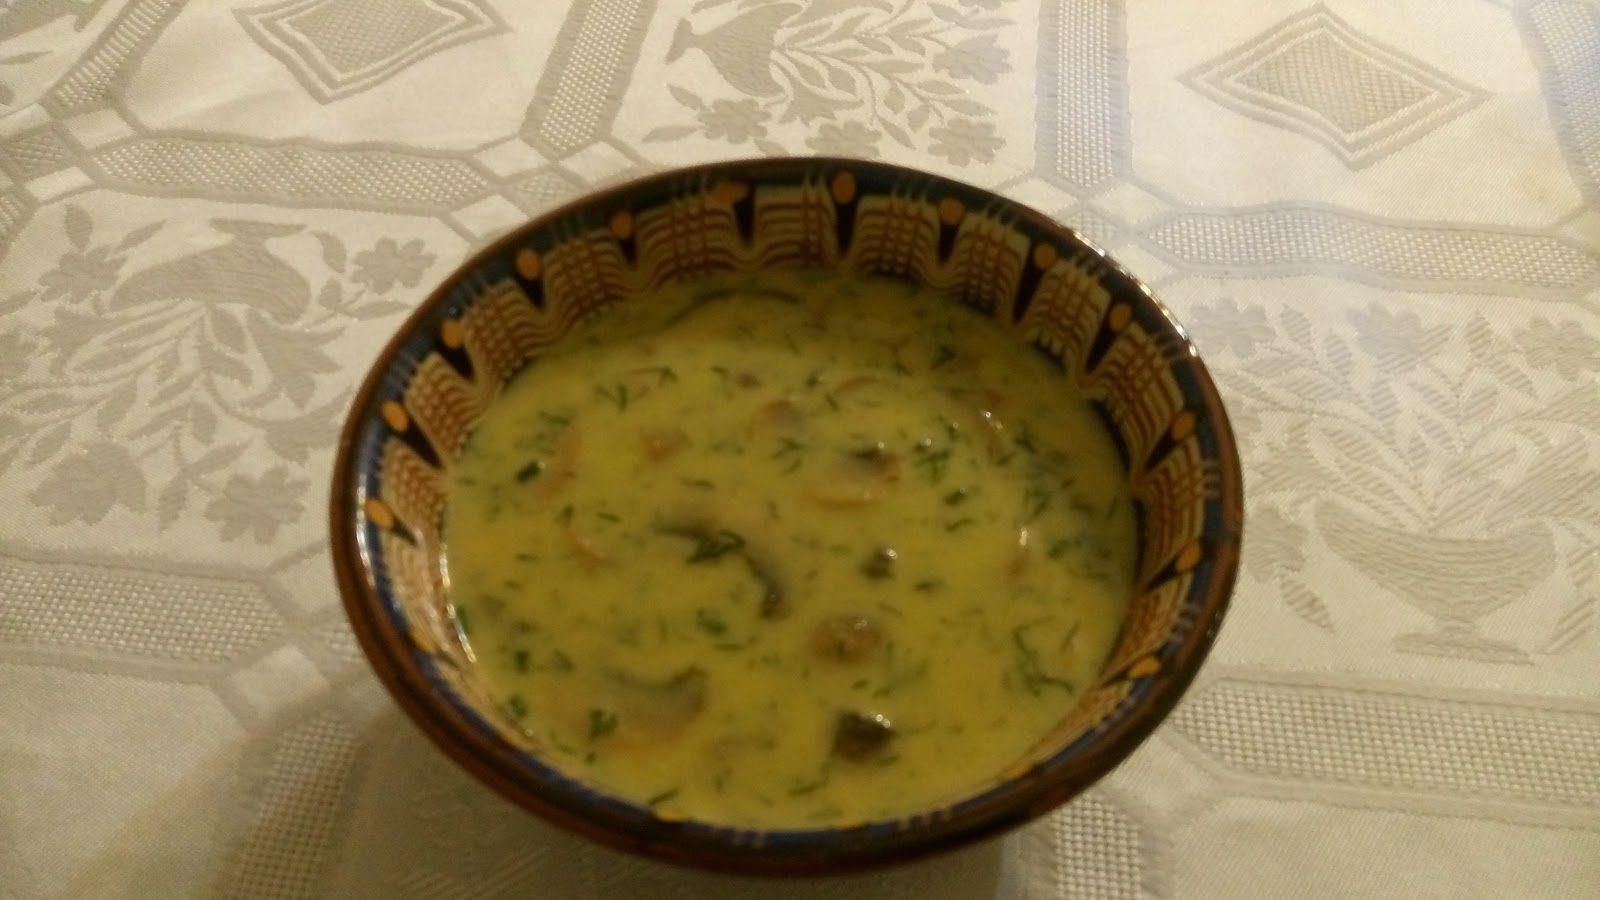 Υλικά 500 γρ. μανιτάρια σε φέτες 4 κούπες ζωμό κότας 2 κούπες ζεστό γάλα 2 κουτ. σούπας αλεύρι 2 κροκαδια αυγού 2 κουτ. σούπας βούτυρο 1 ...